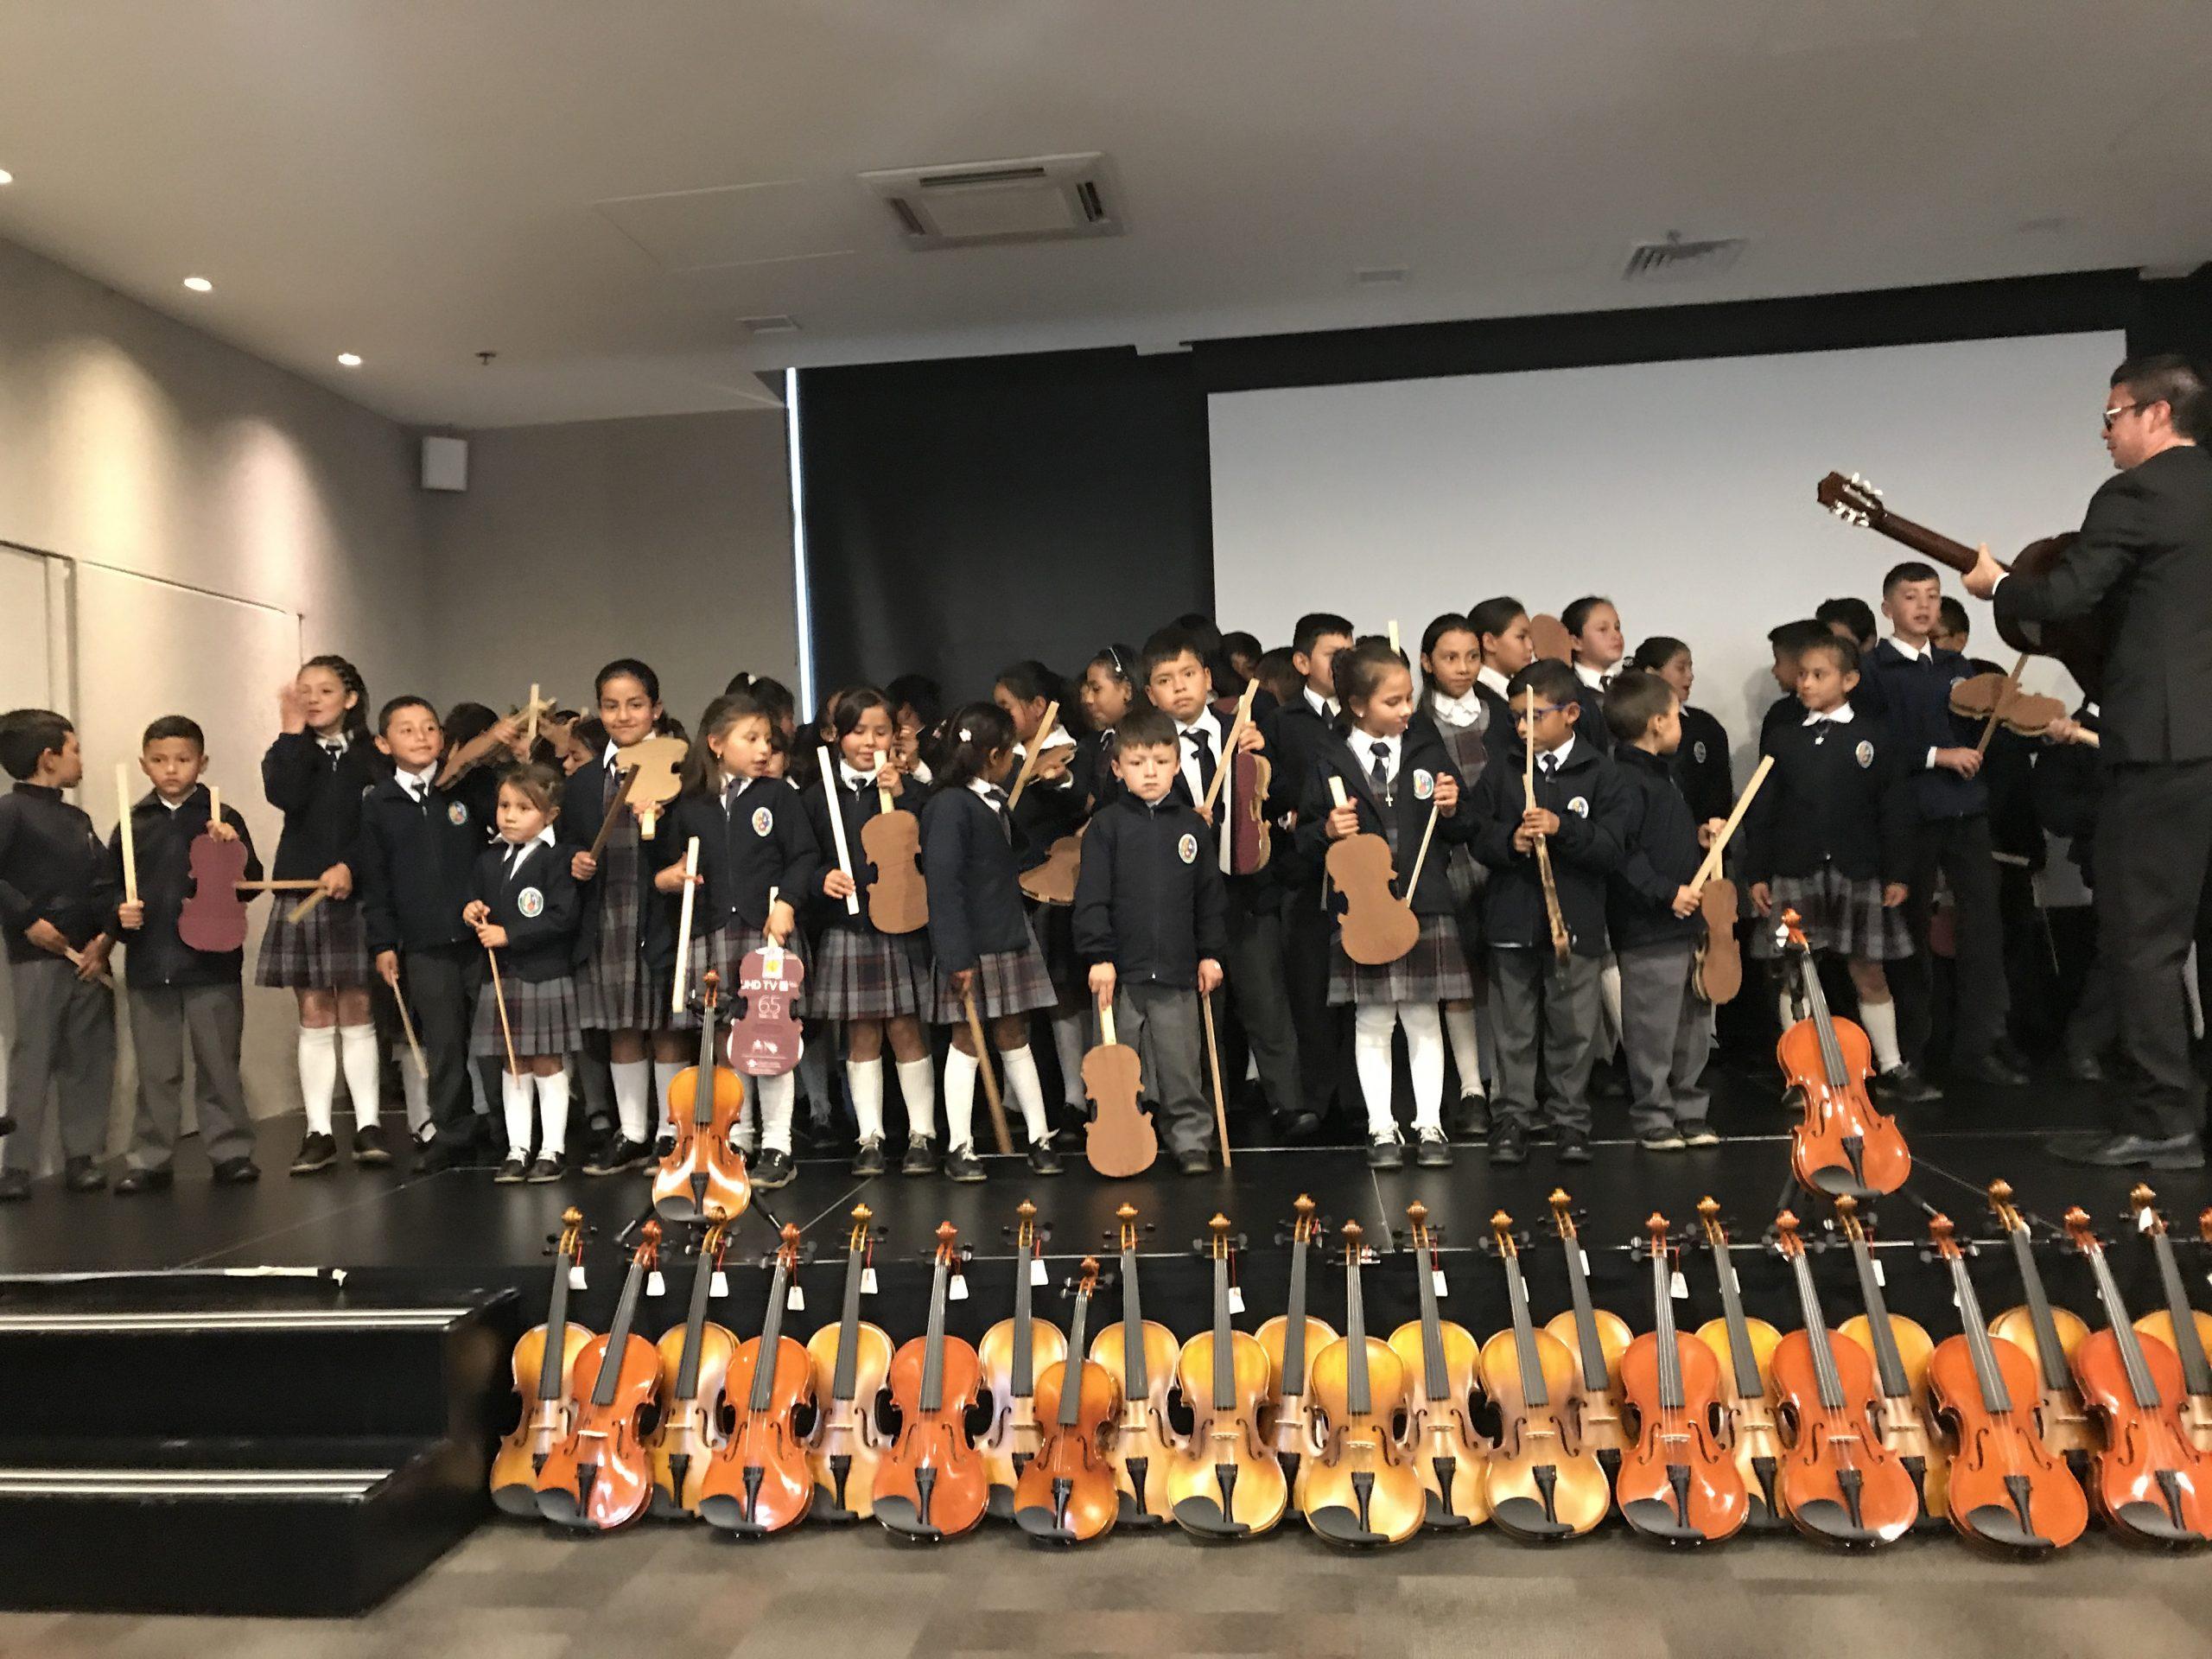 Banco de Instrumentos entrega 55 instrumentos a Orquesta de Papel